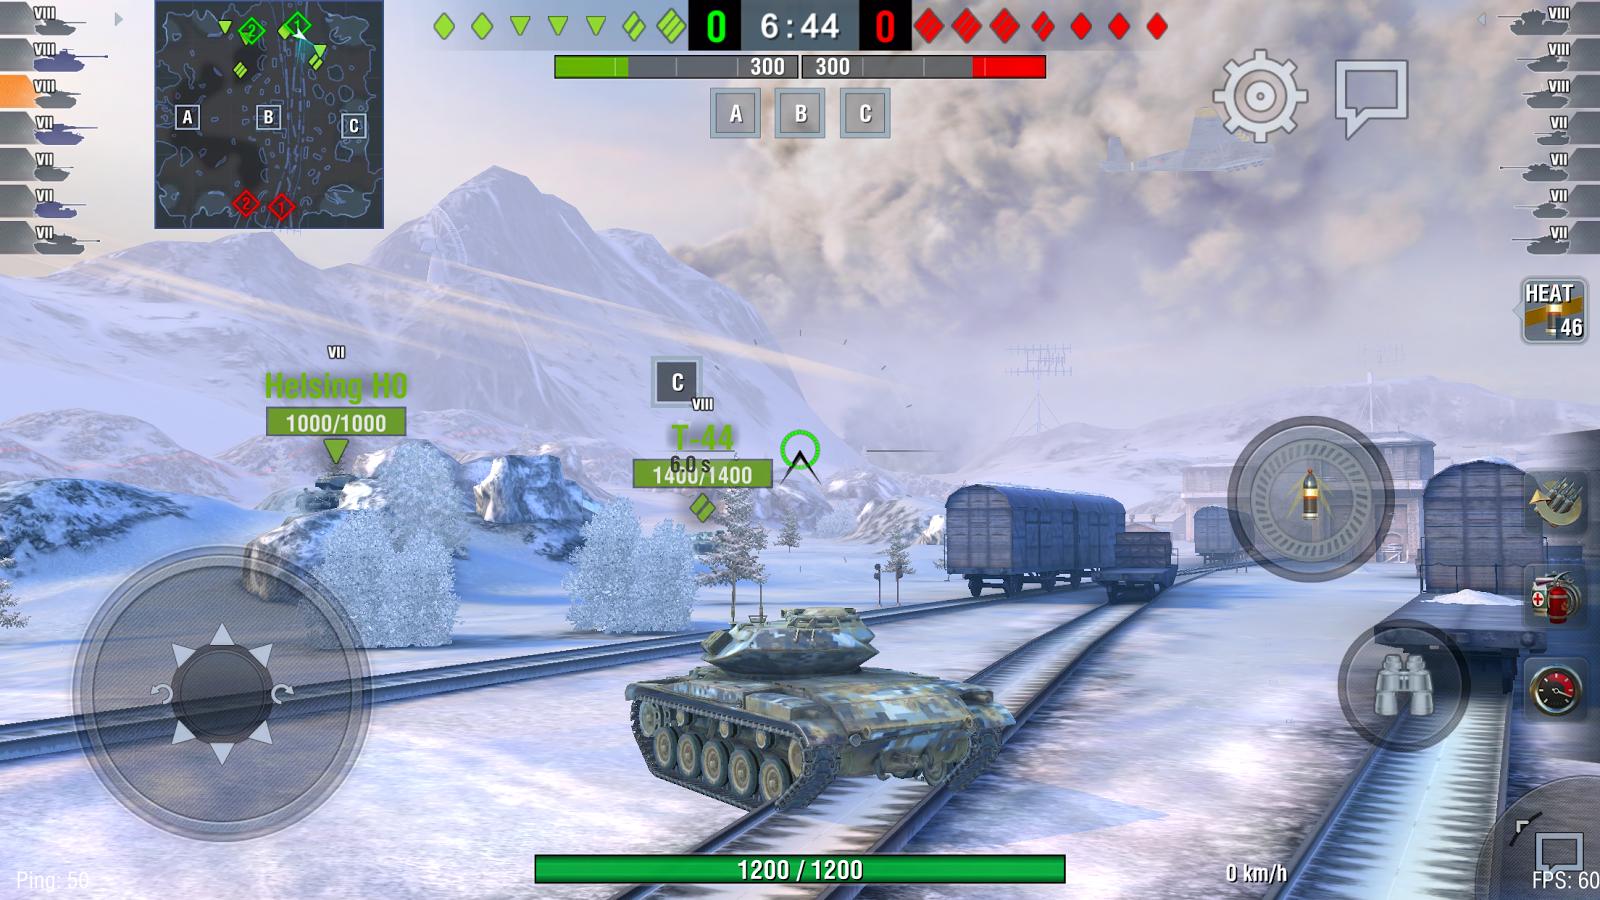 Скачать world of tanks blitz на пк через торрент.